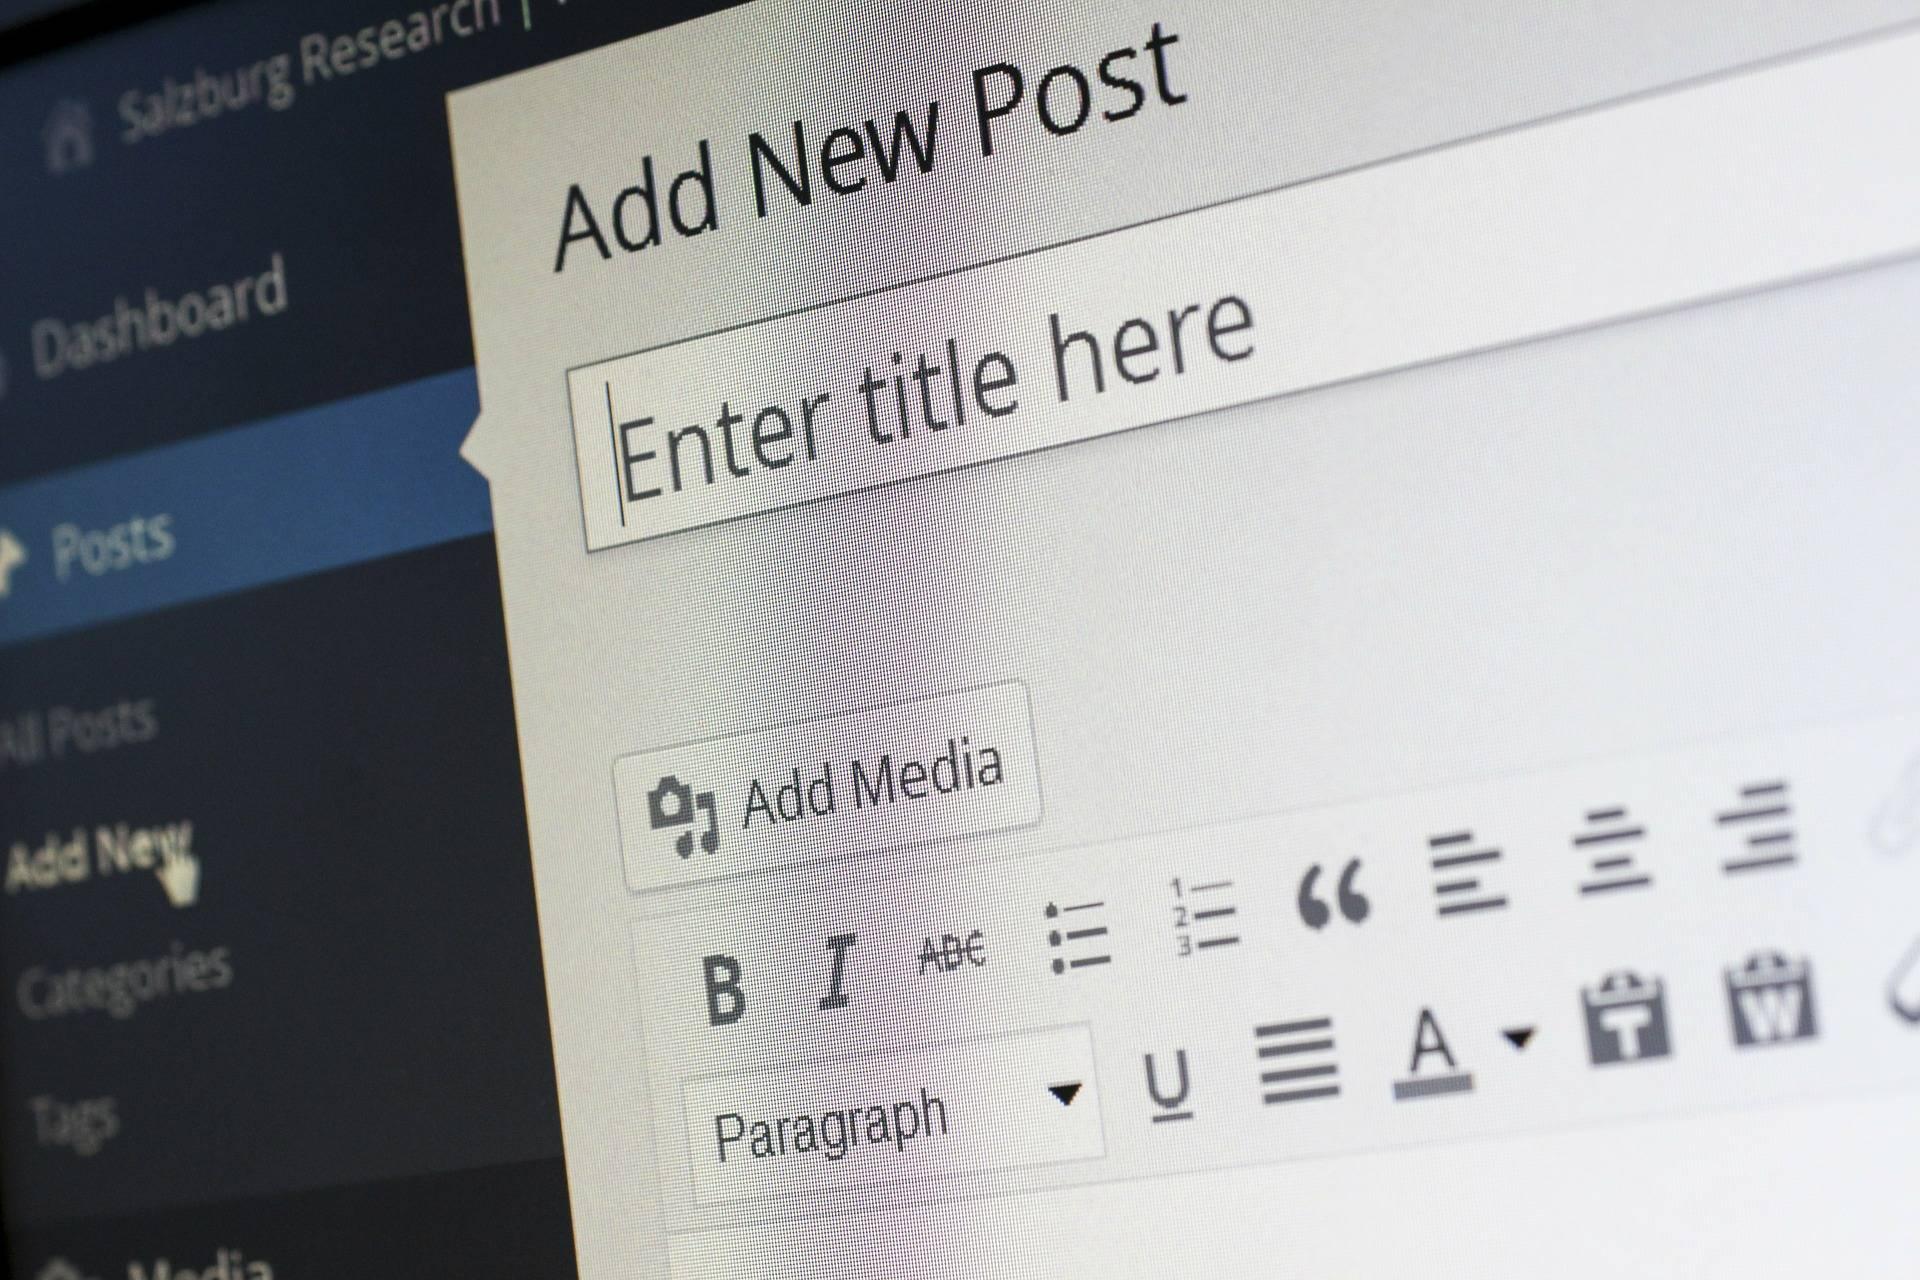 Vorteile eines Blogs auf der Unternehmensseite